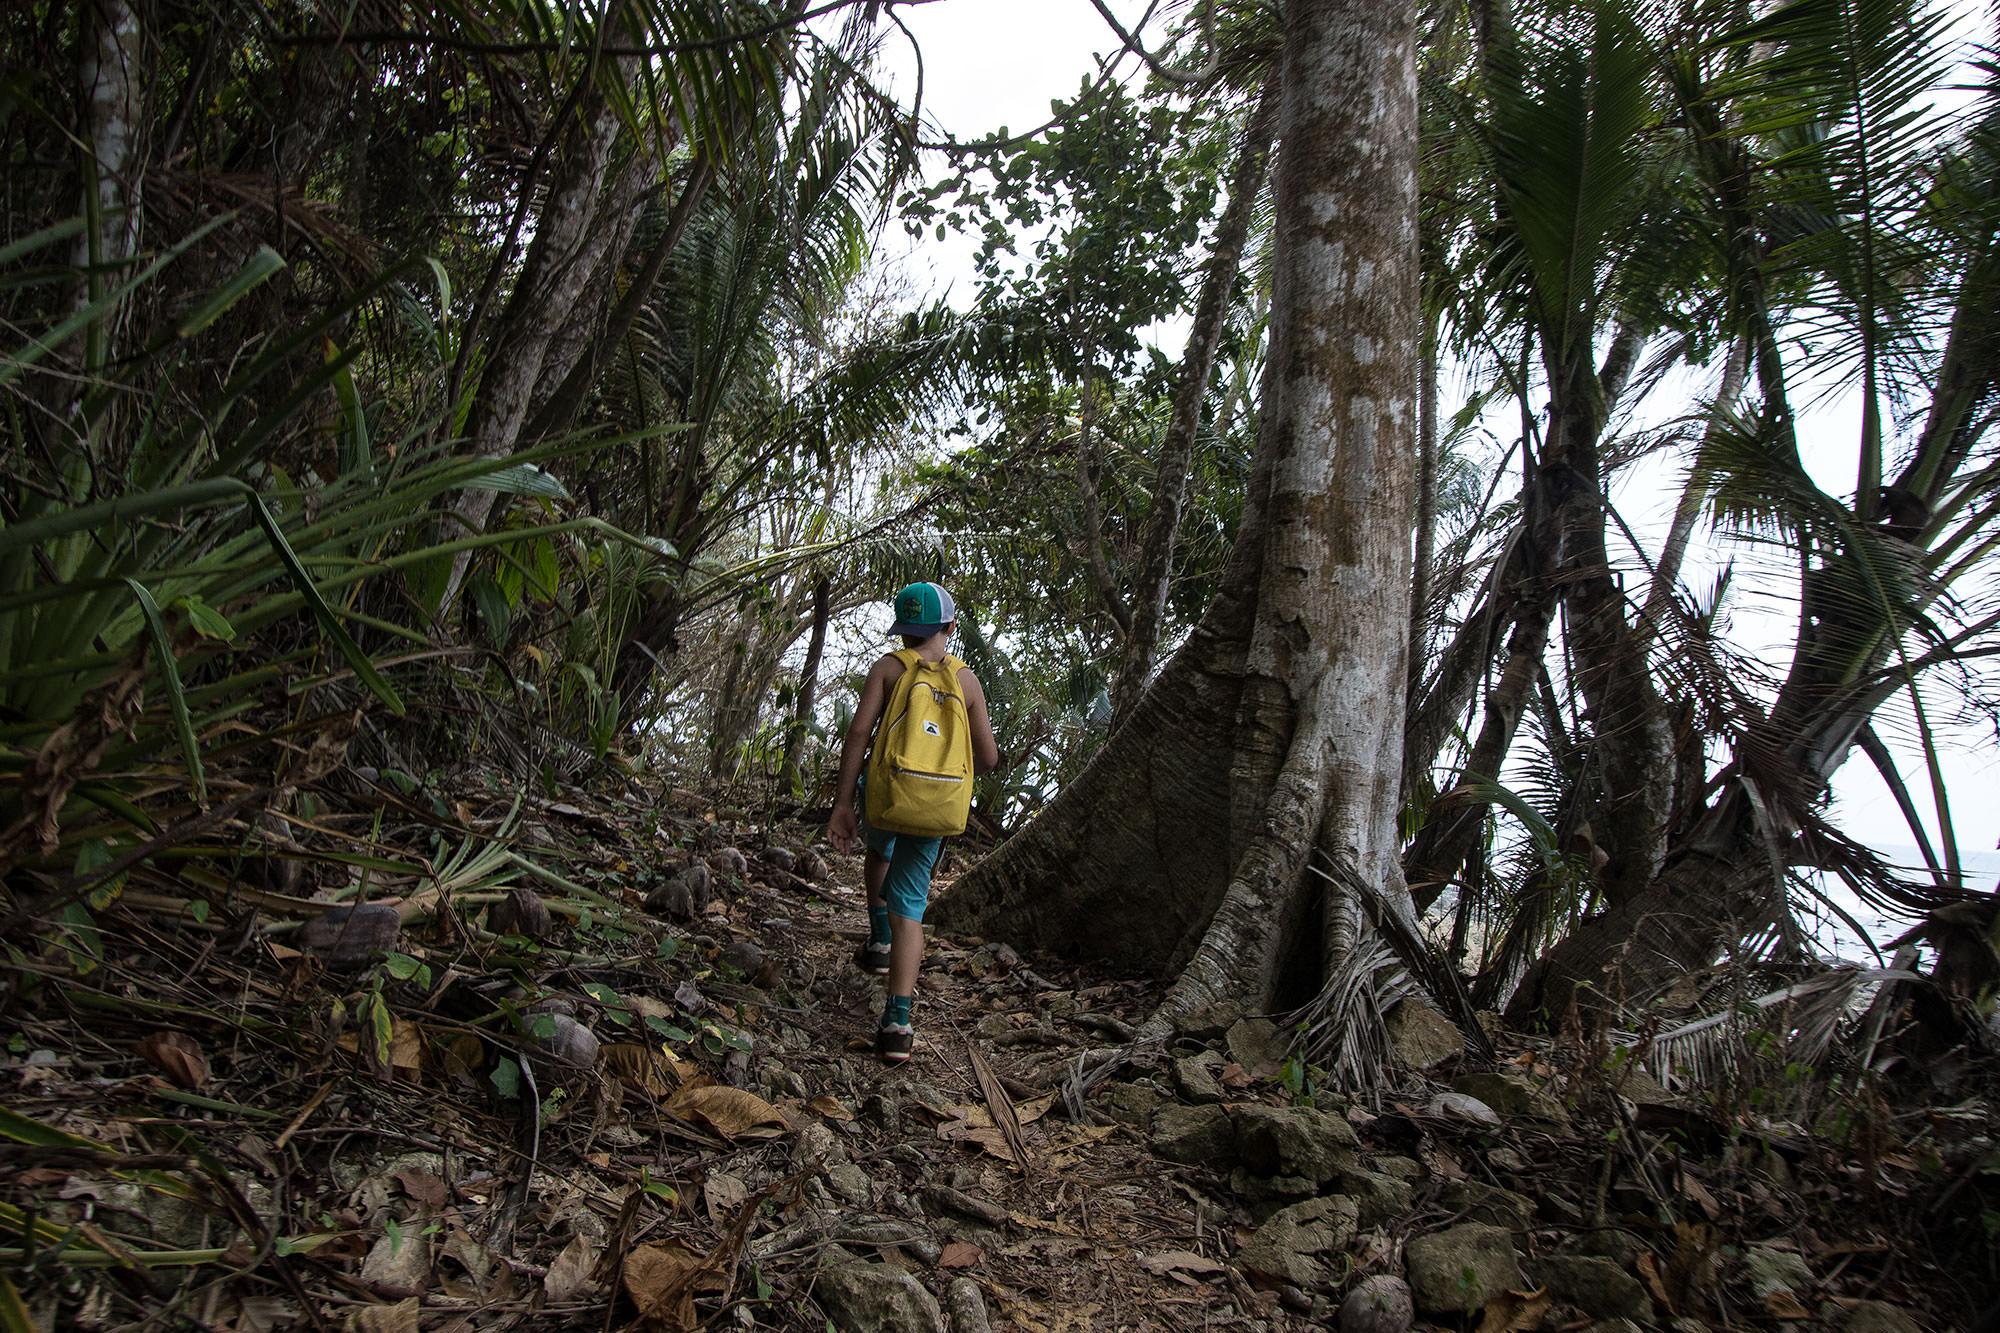 La Leona Hike in Corcovado National Park